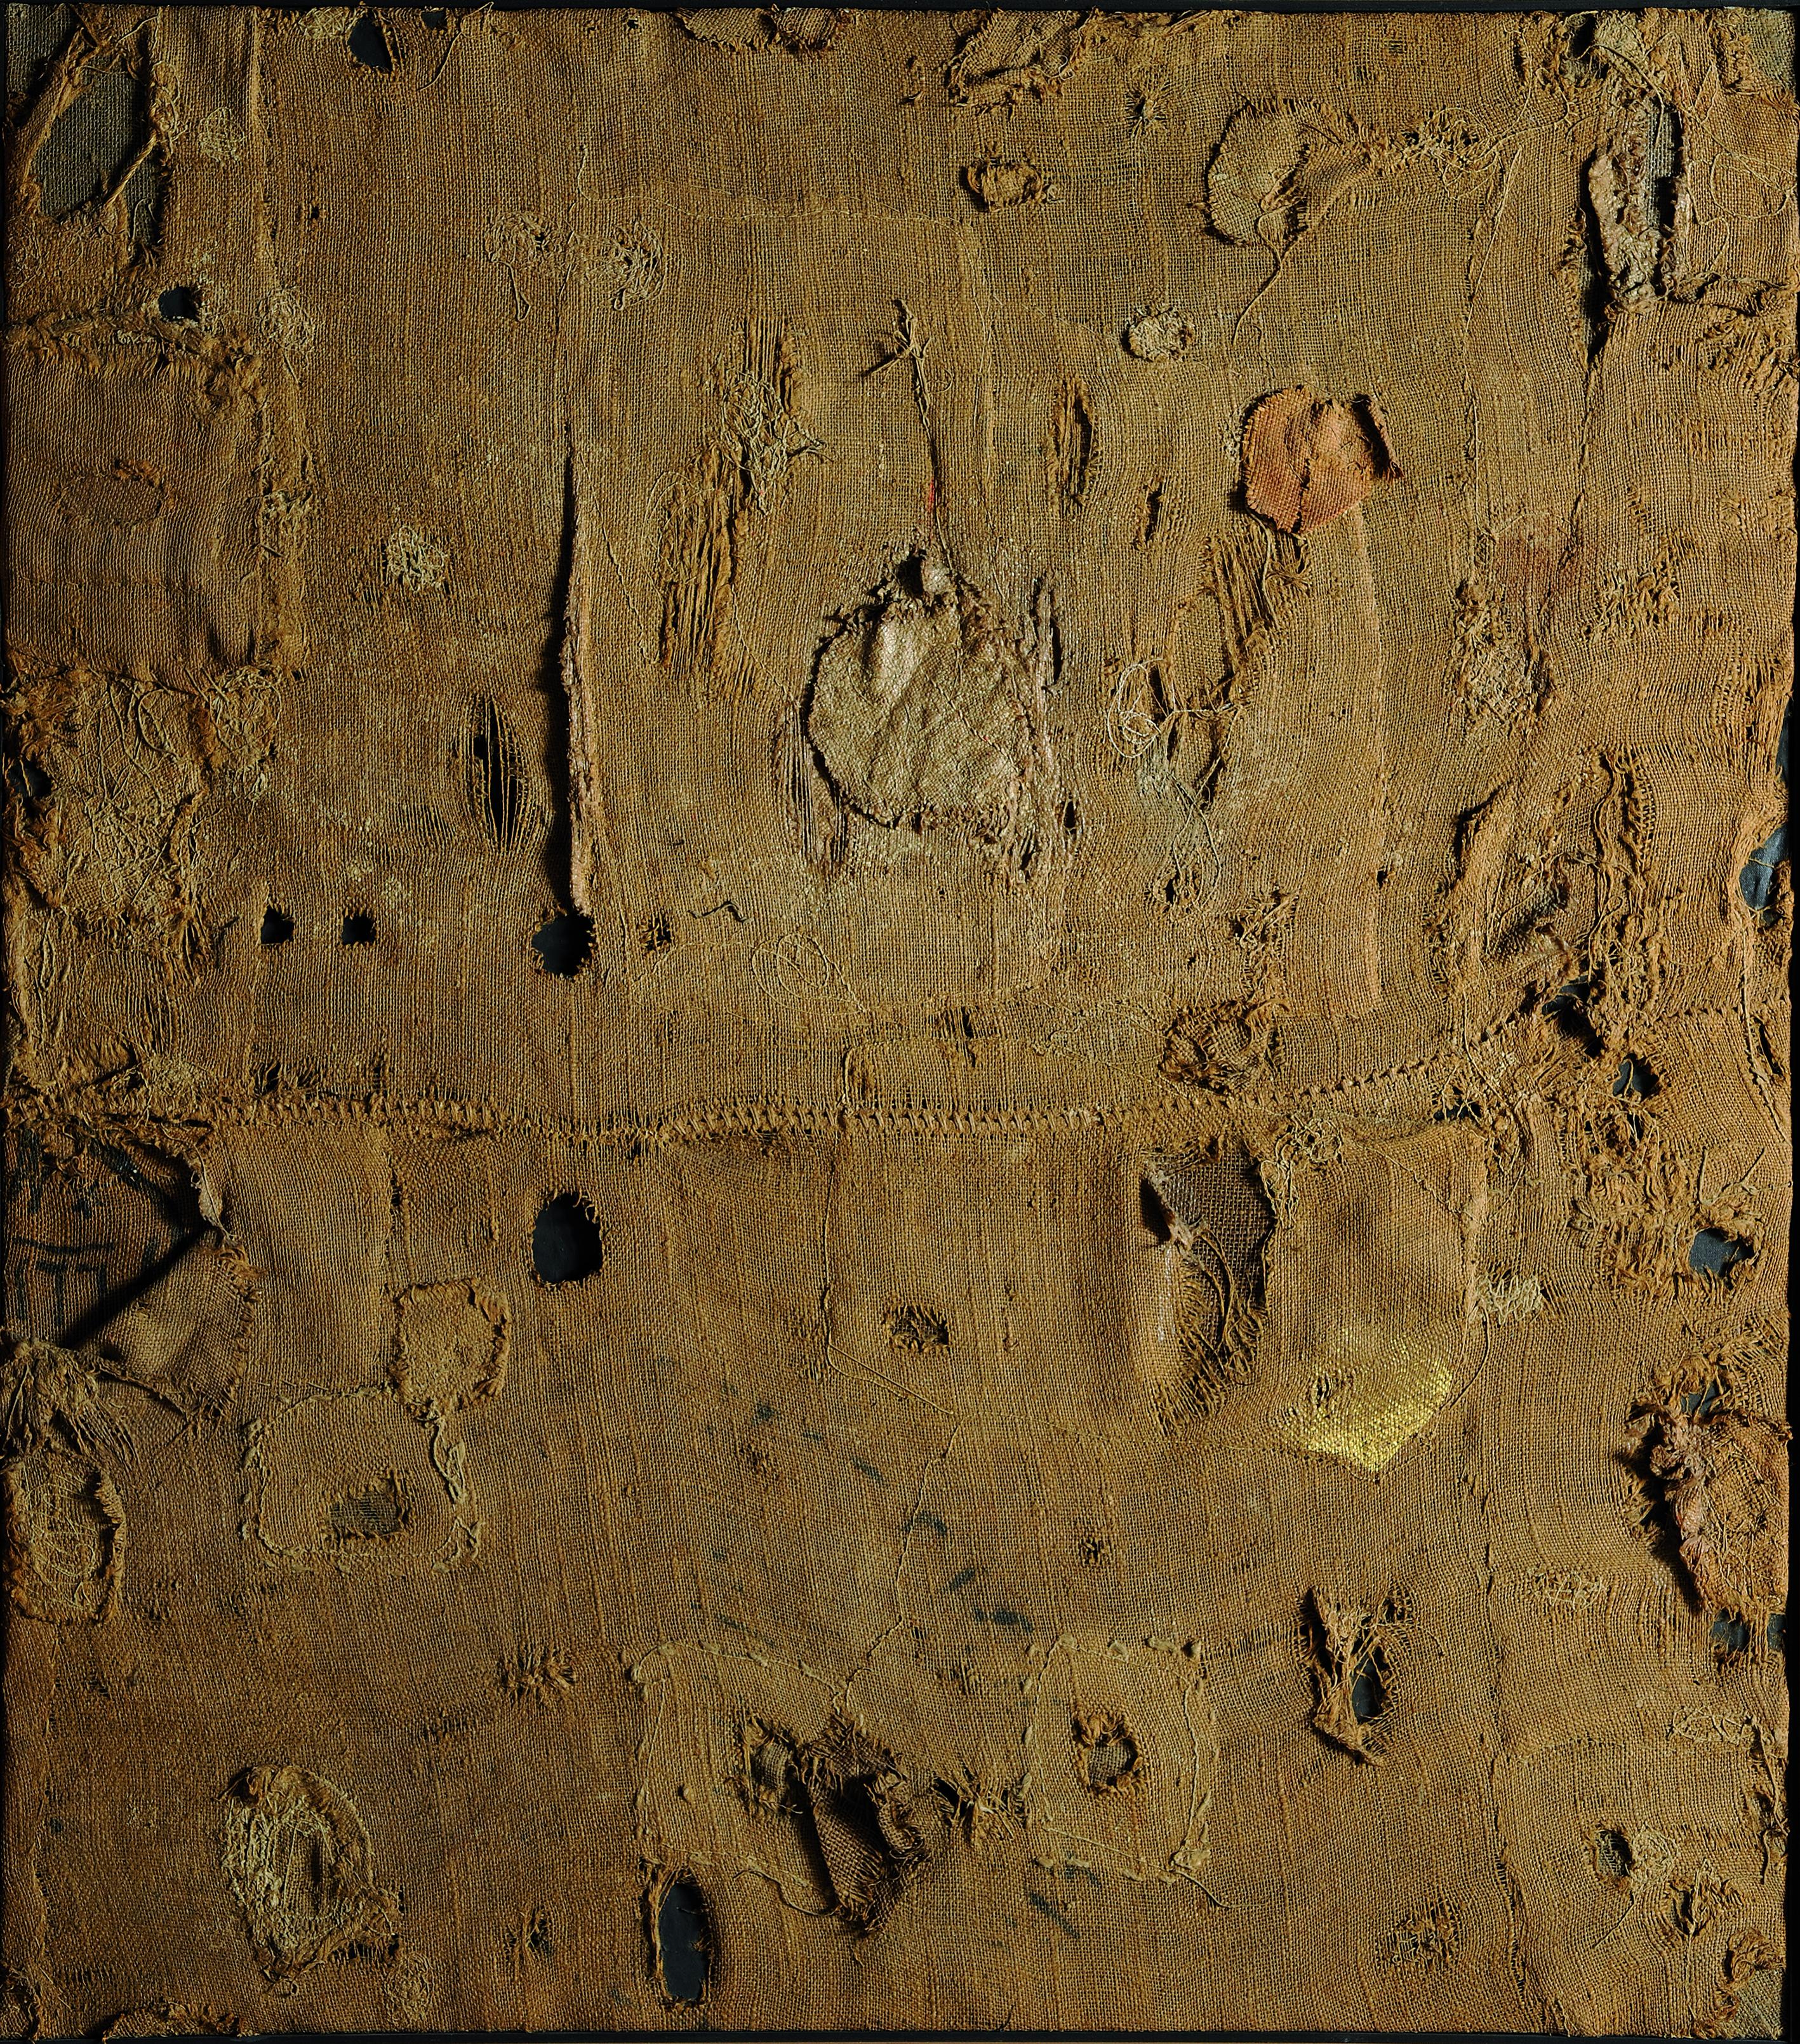 Alberto Burri, Sackcloth and Gold, 1953. Fondazione Burri